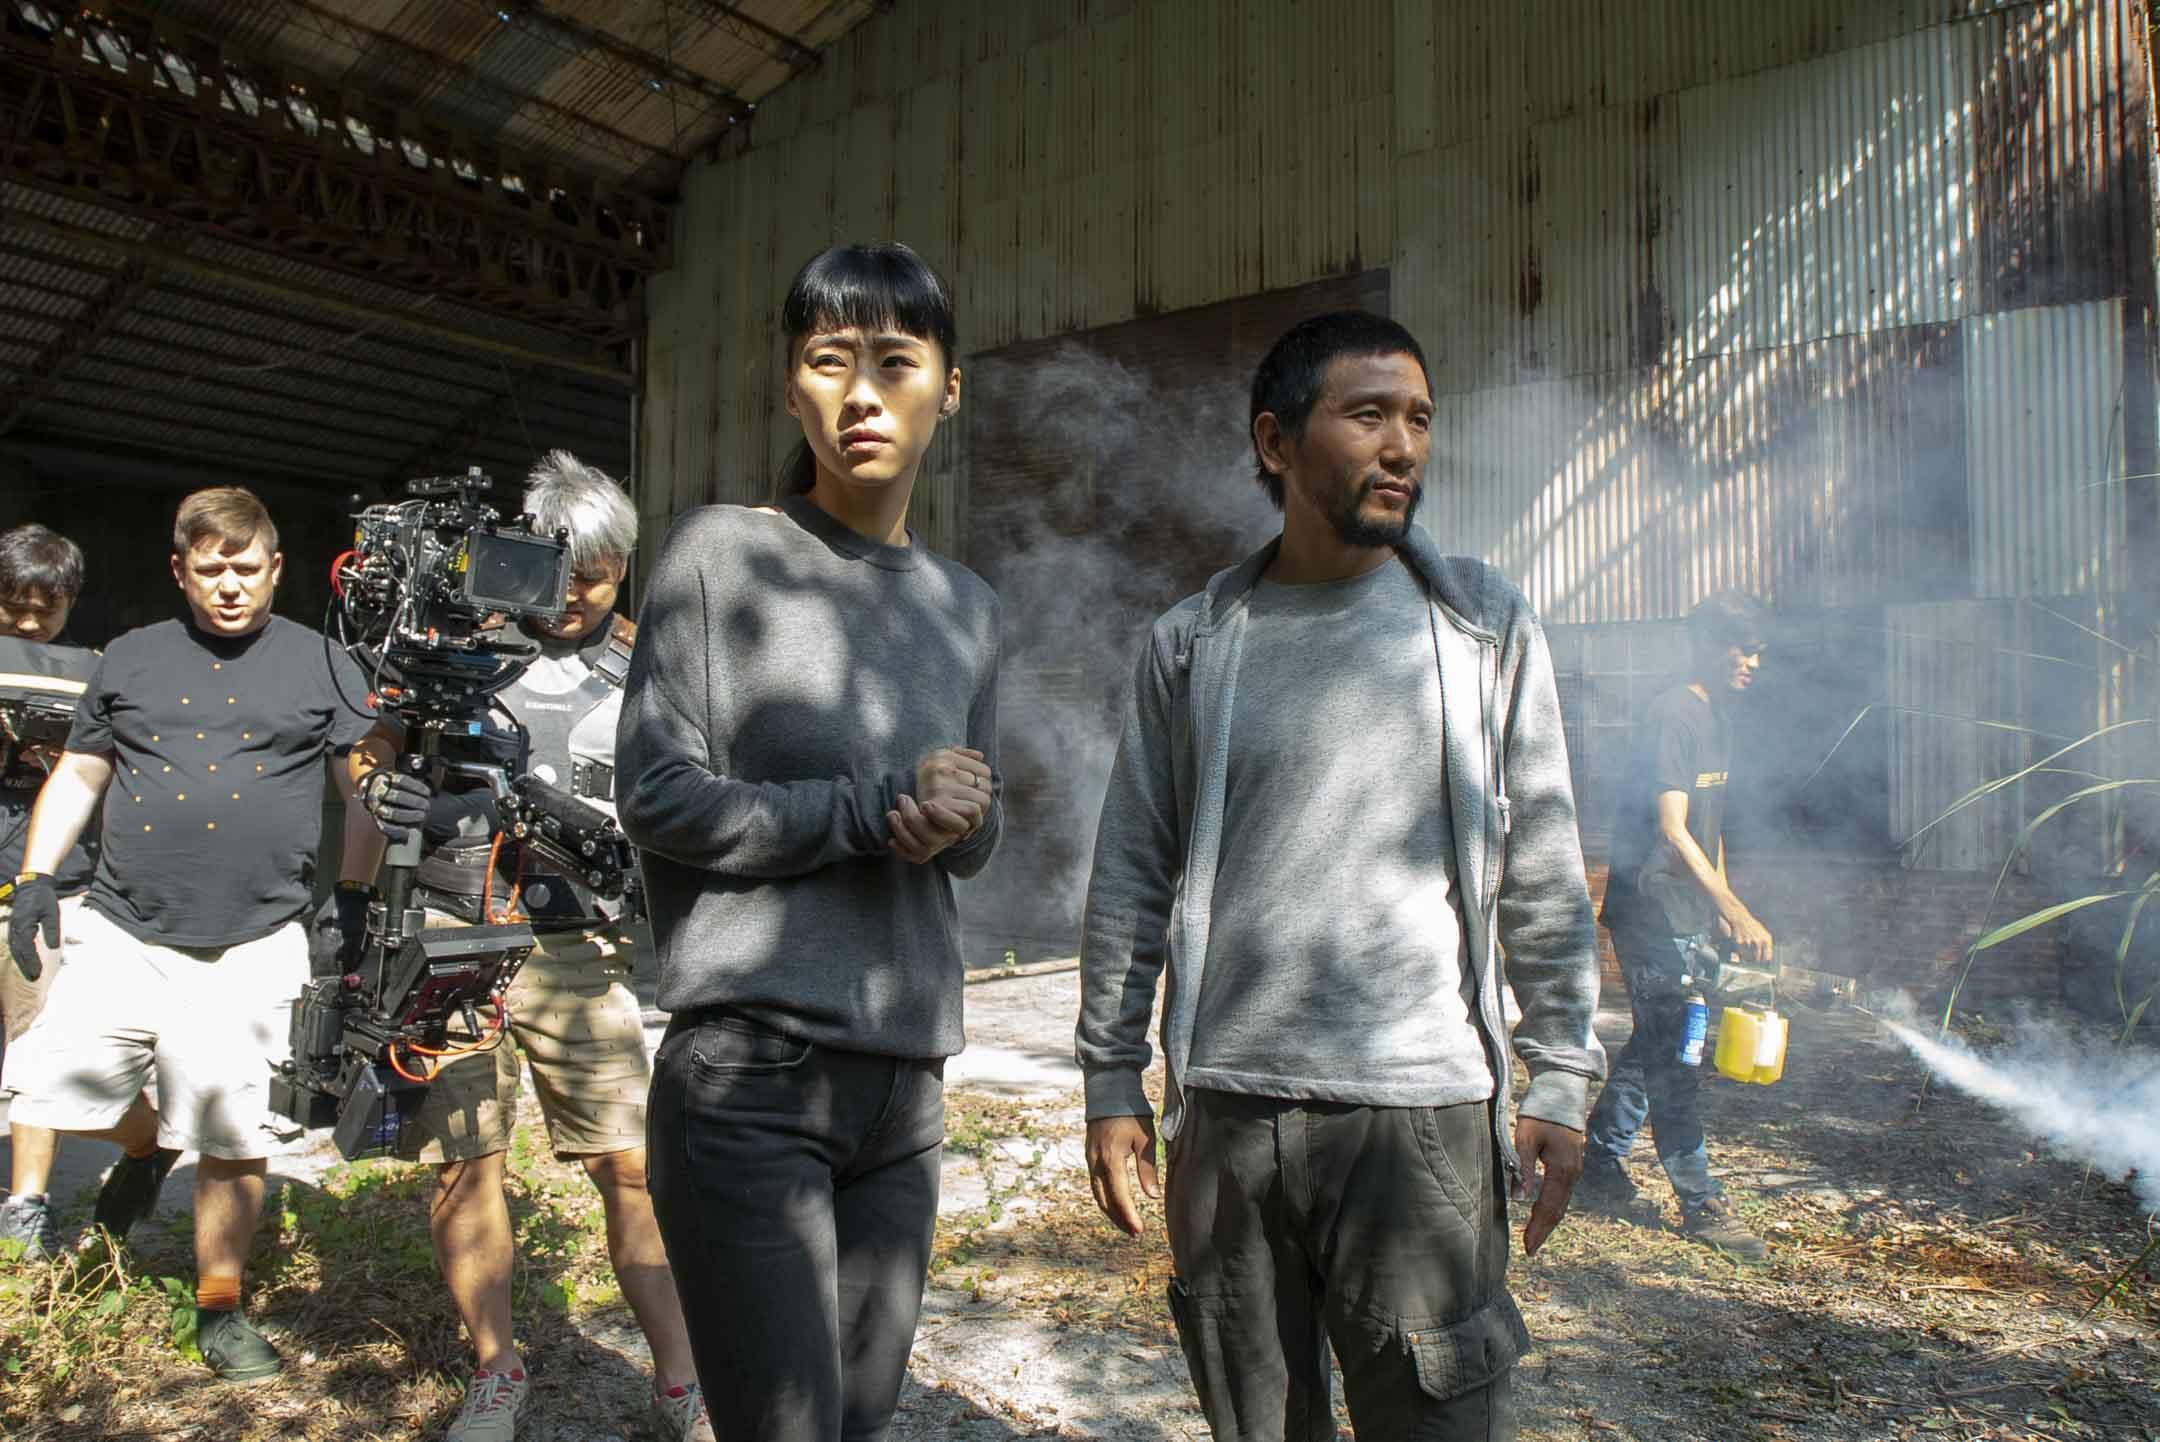 趙德胤導演在《灼人秘密》拍攝現場。 圖:趙德胤提供